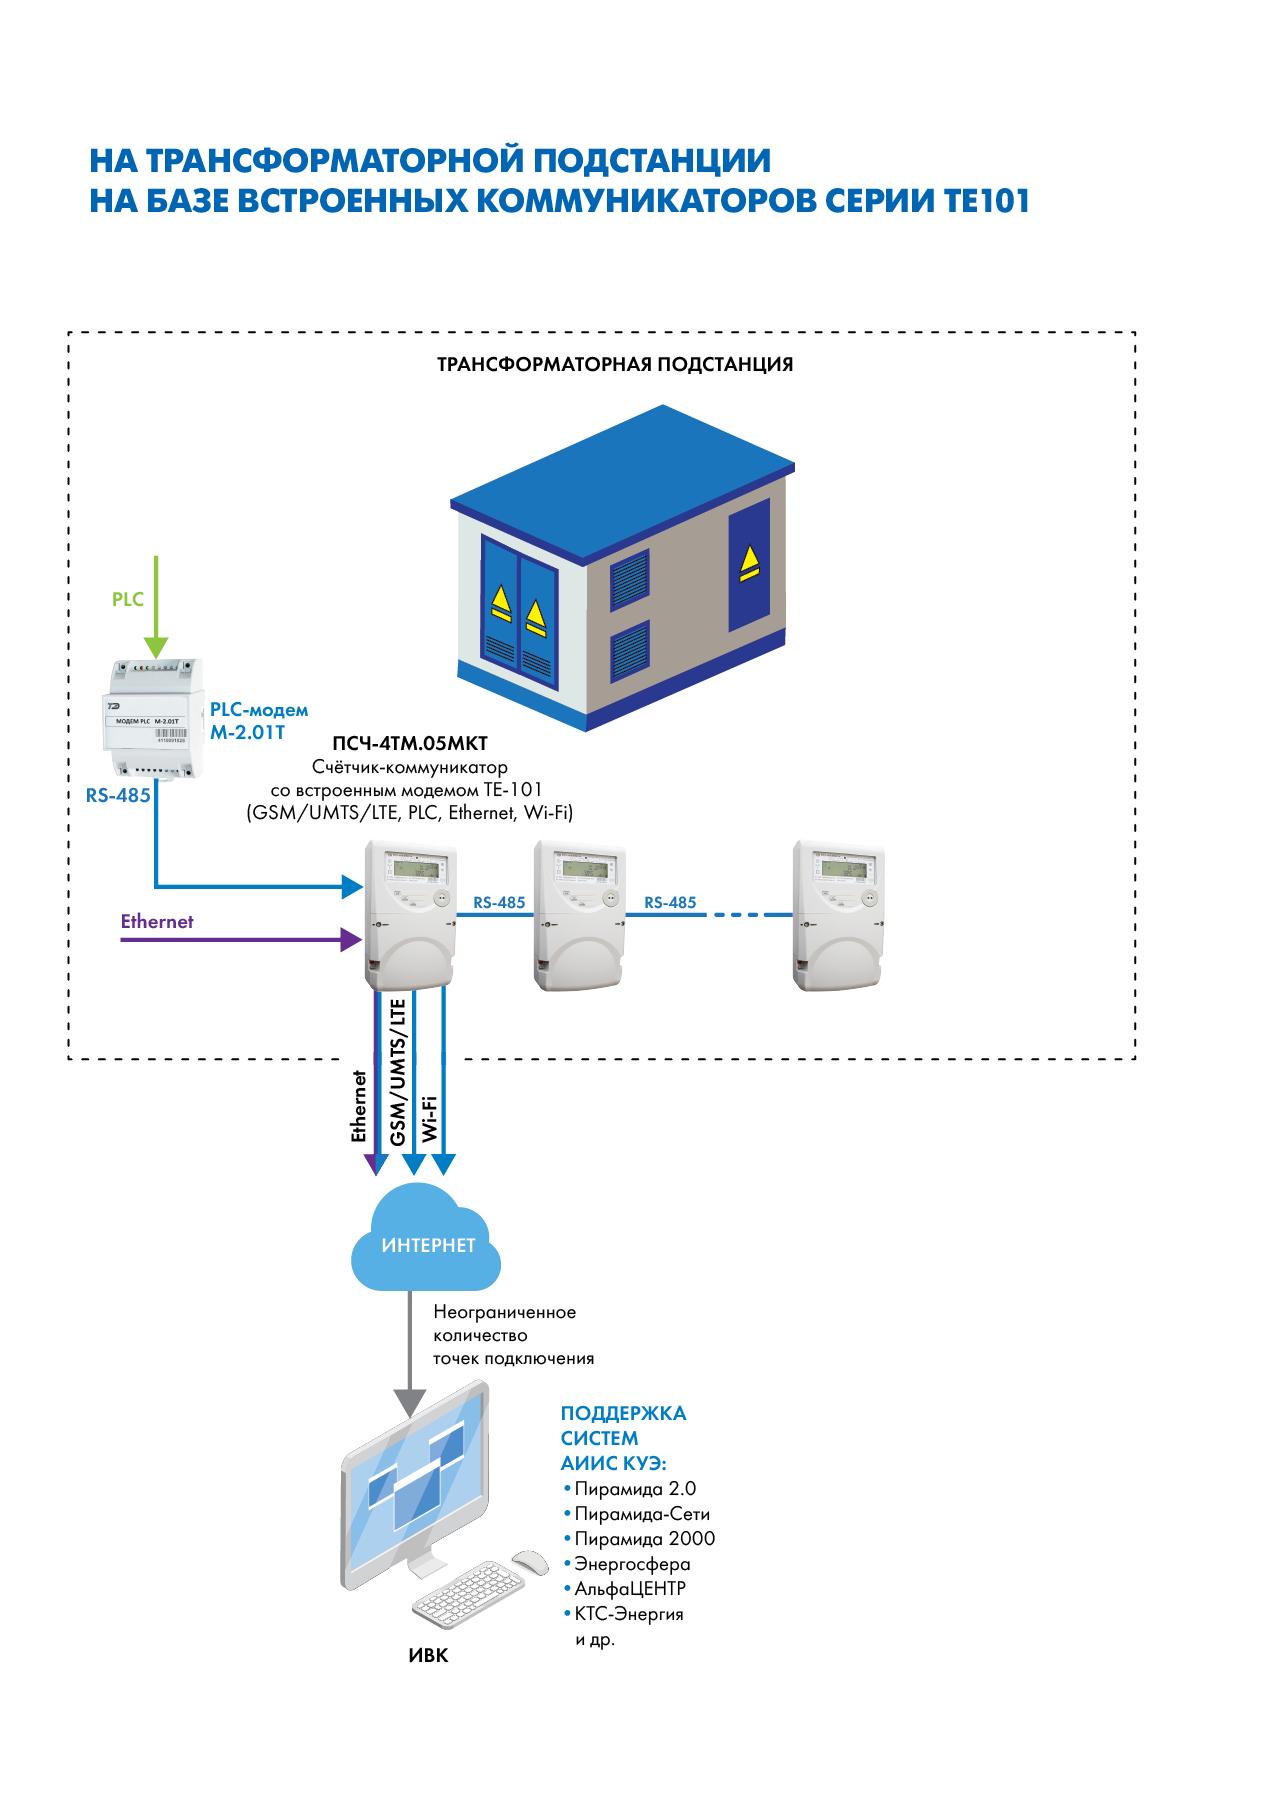 Организация сбора информации со счетчиков электрической энергии на трансформаторной подстанции на базе коммуникаторов серии ТЕ101